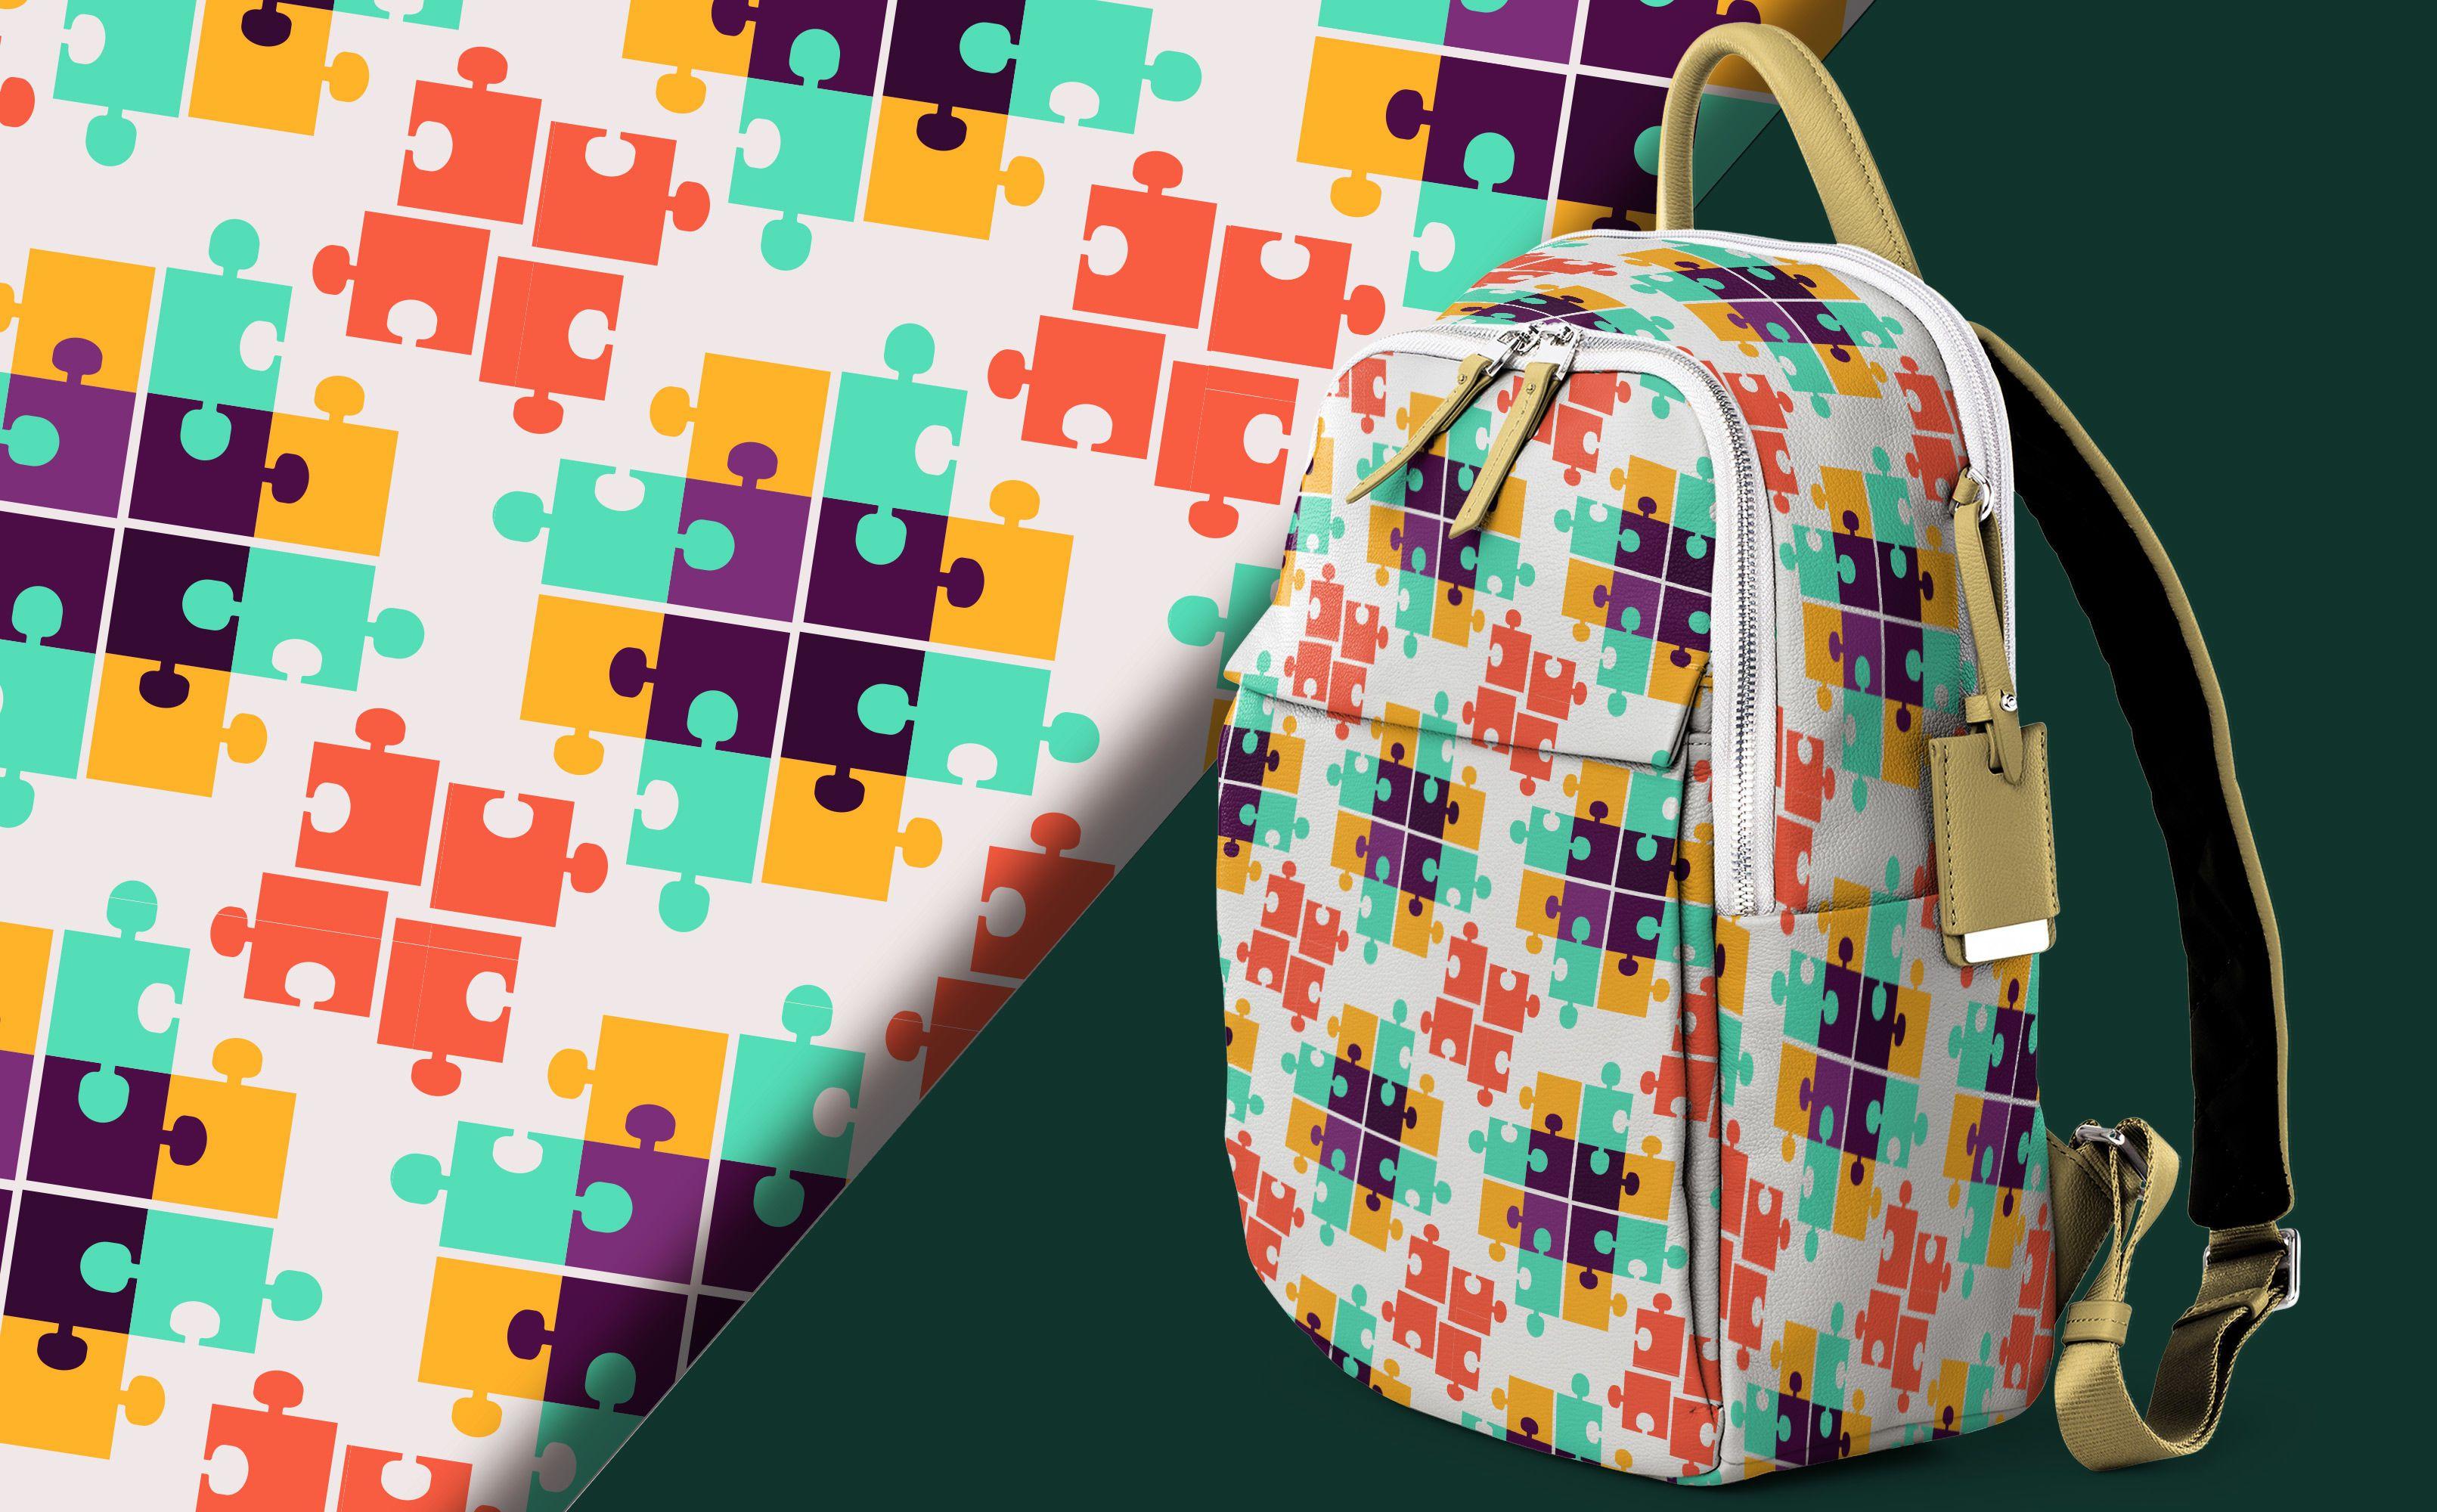 Desenho de padrão de quebra-cabeça colorido